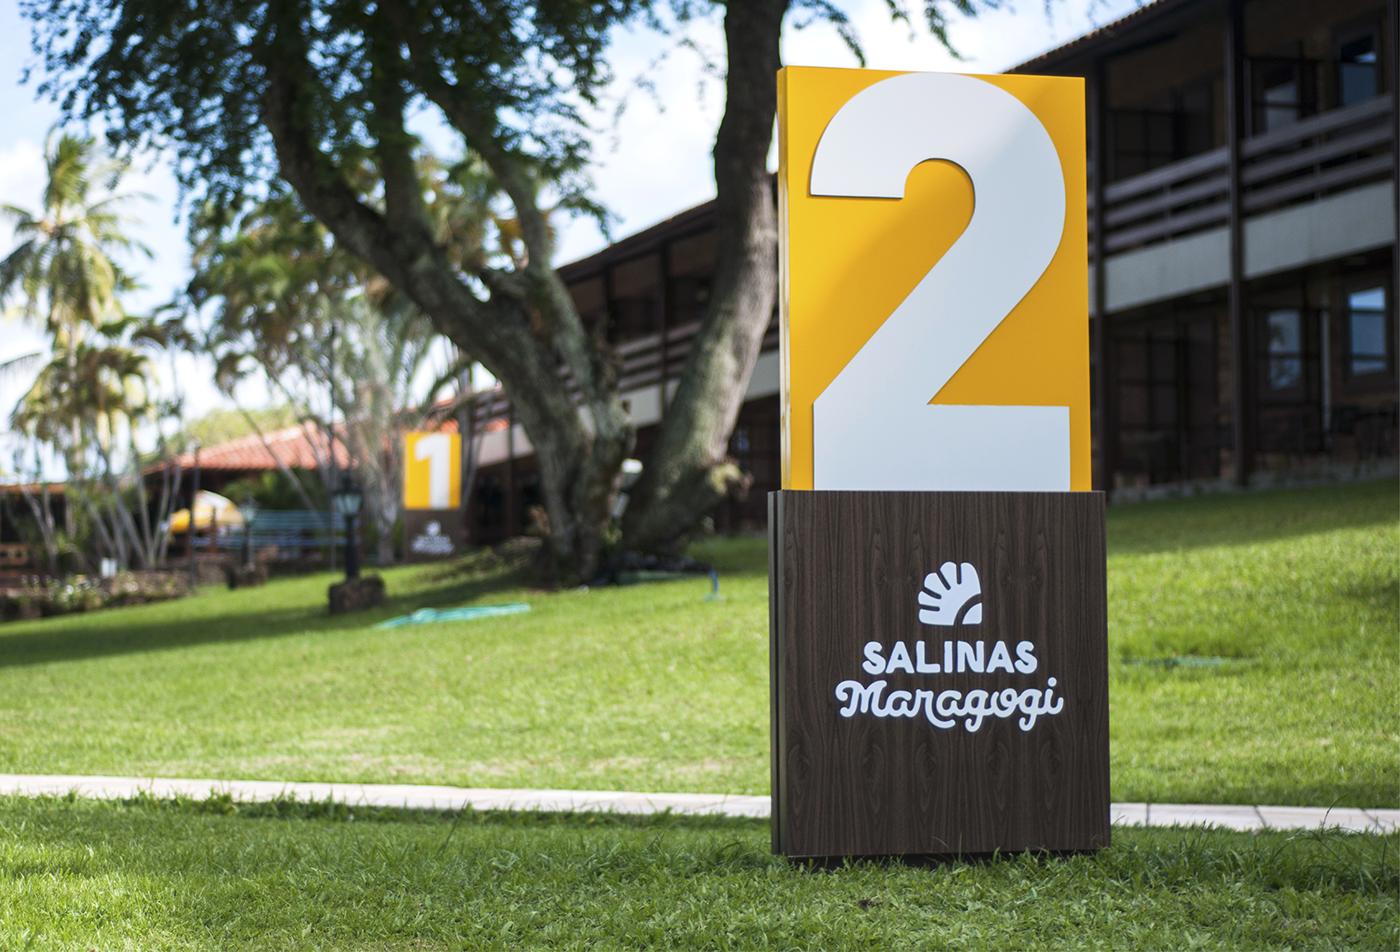 salinas maragogi Maragogi Alagoas resort Sinalização Signage design corisco design corisco wayfinding